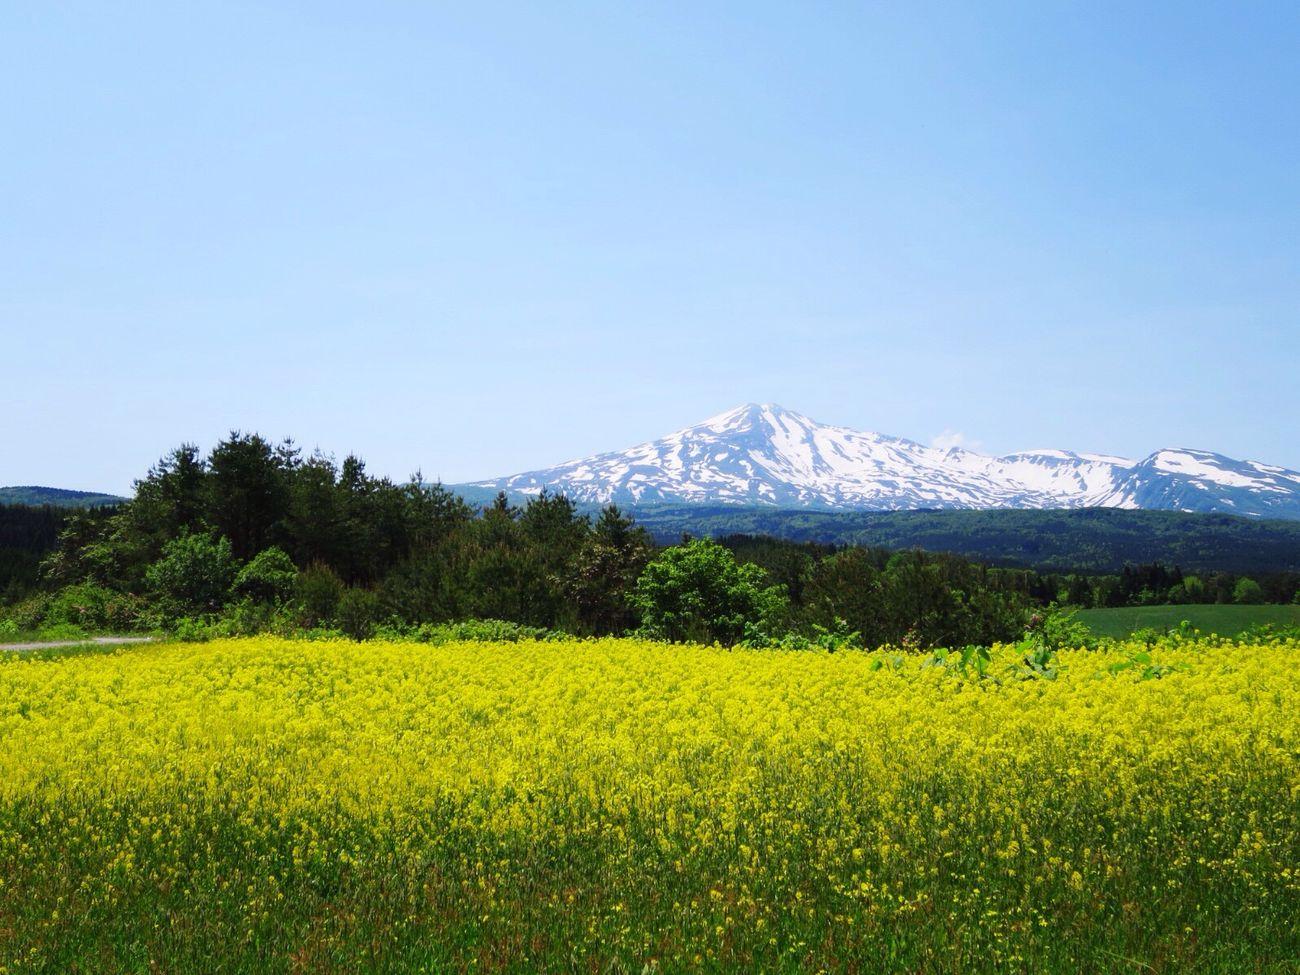 鳥海山 菜の花 春 Japan Spring Yellow Flowers Nature_collection Mt.chokaisan